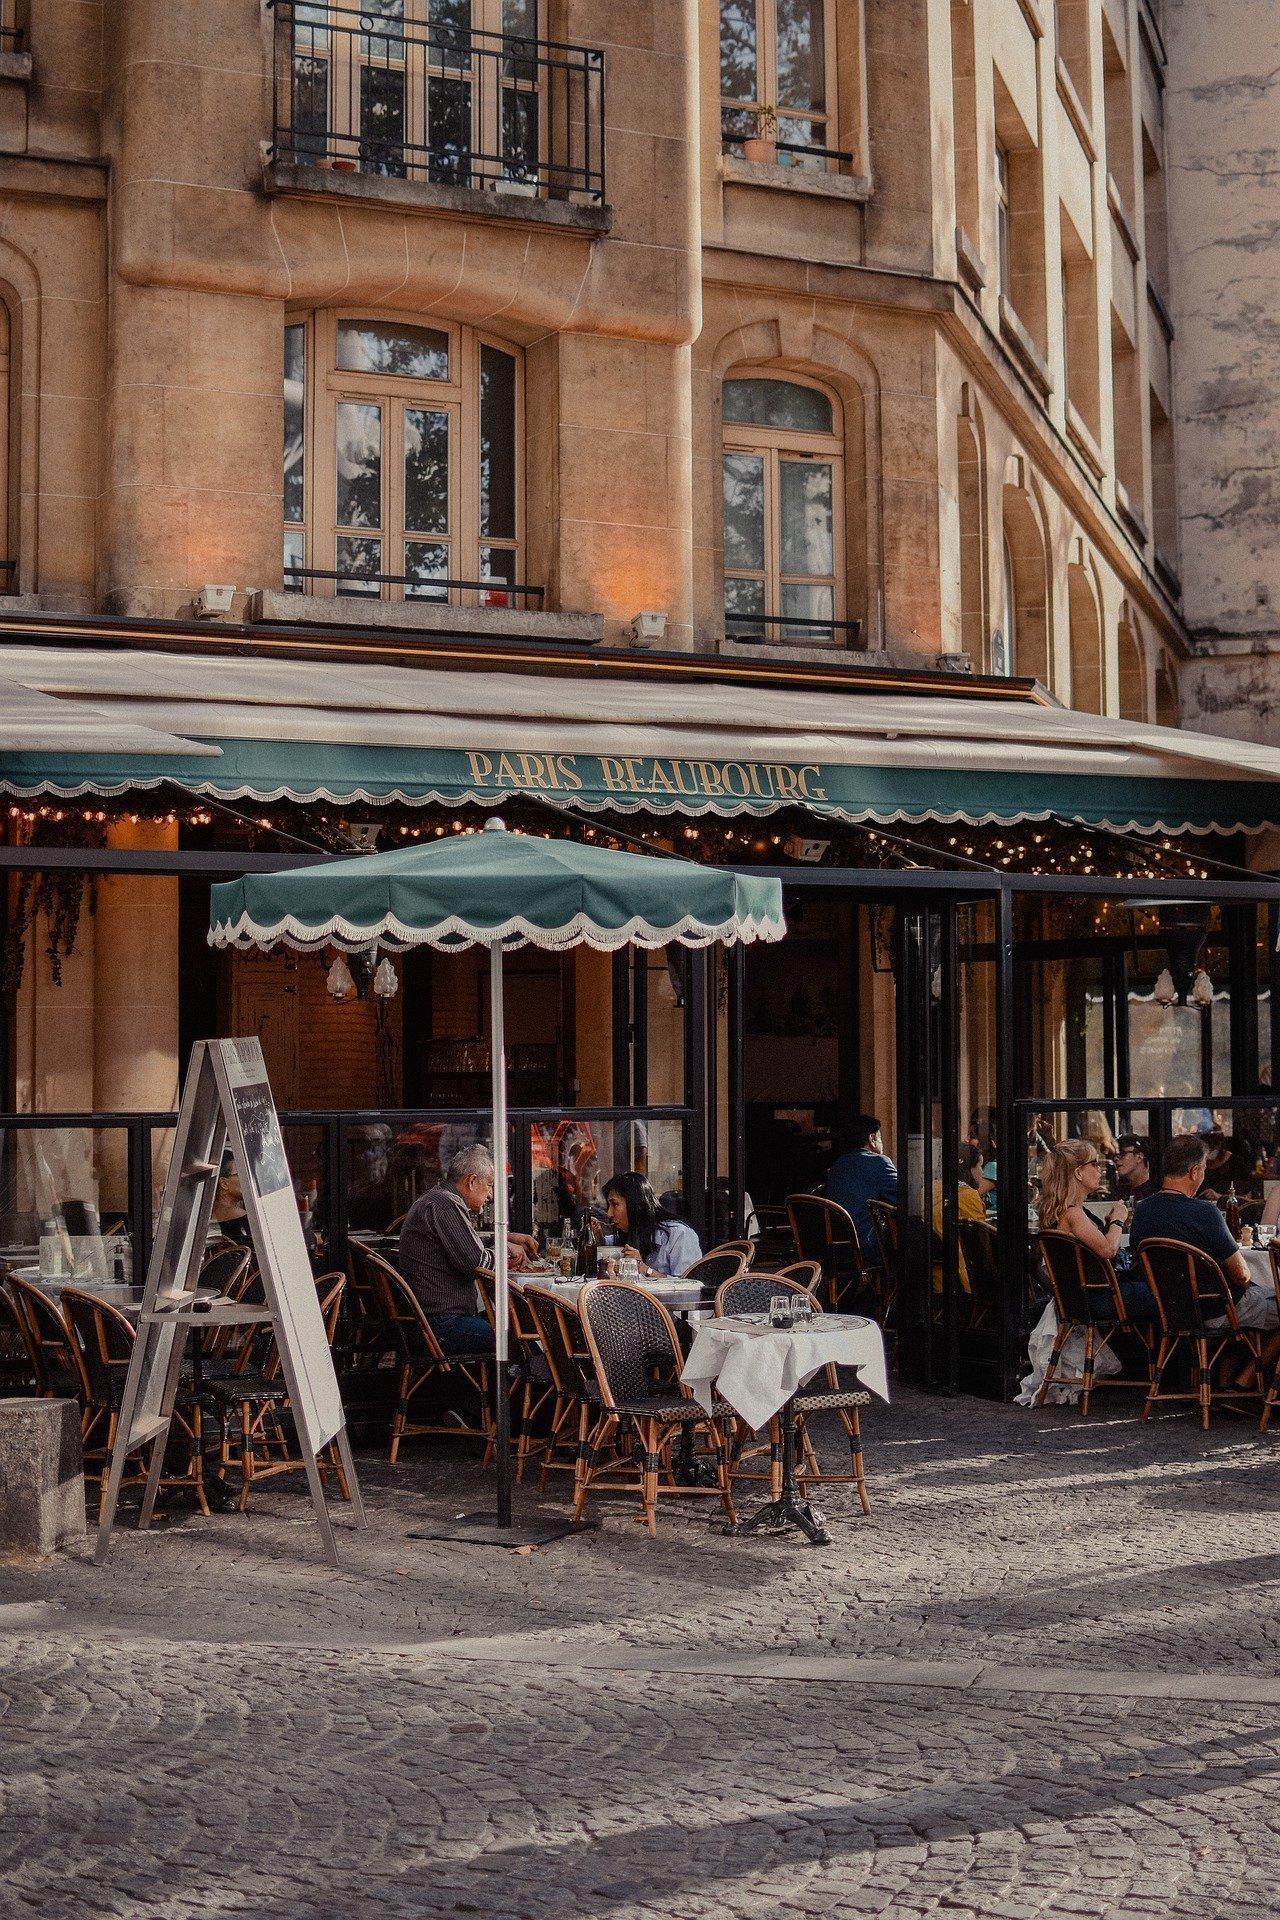 Paris bucket list - outdoor cafe